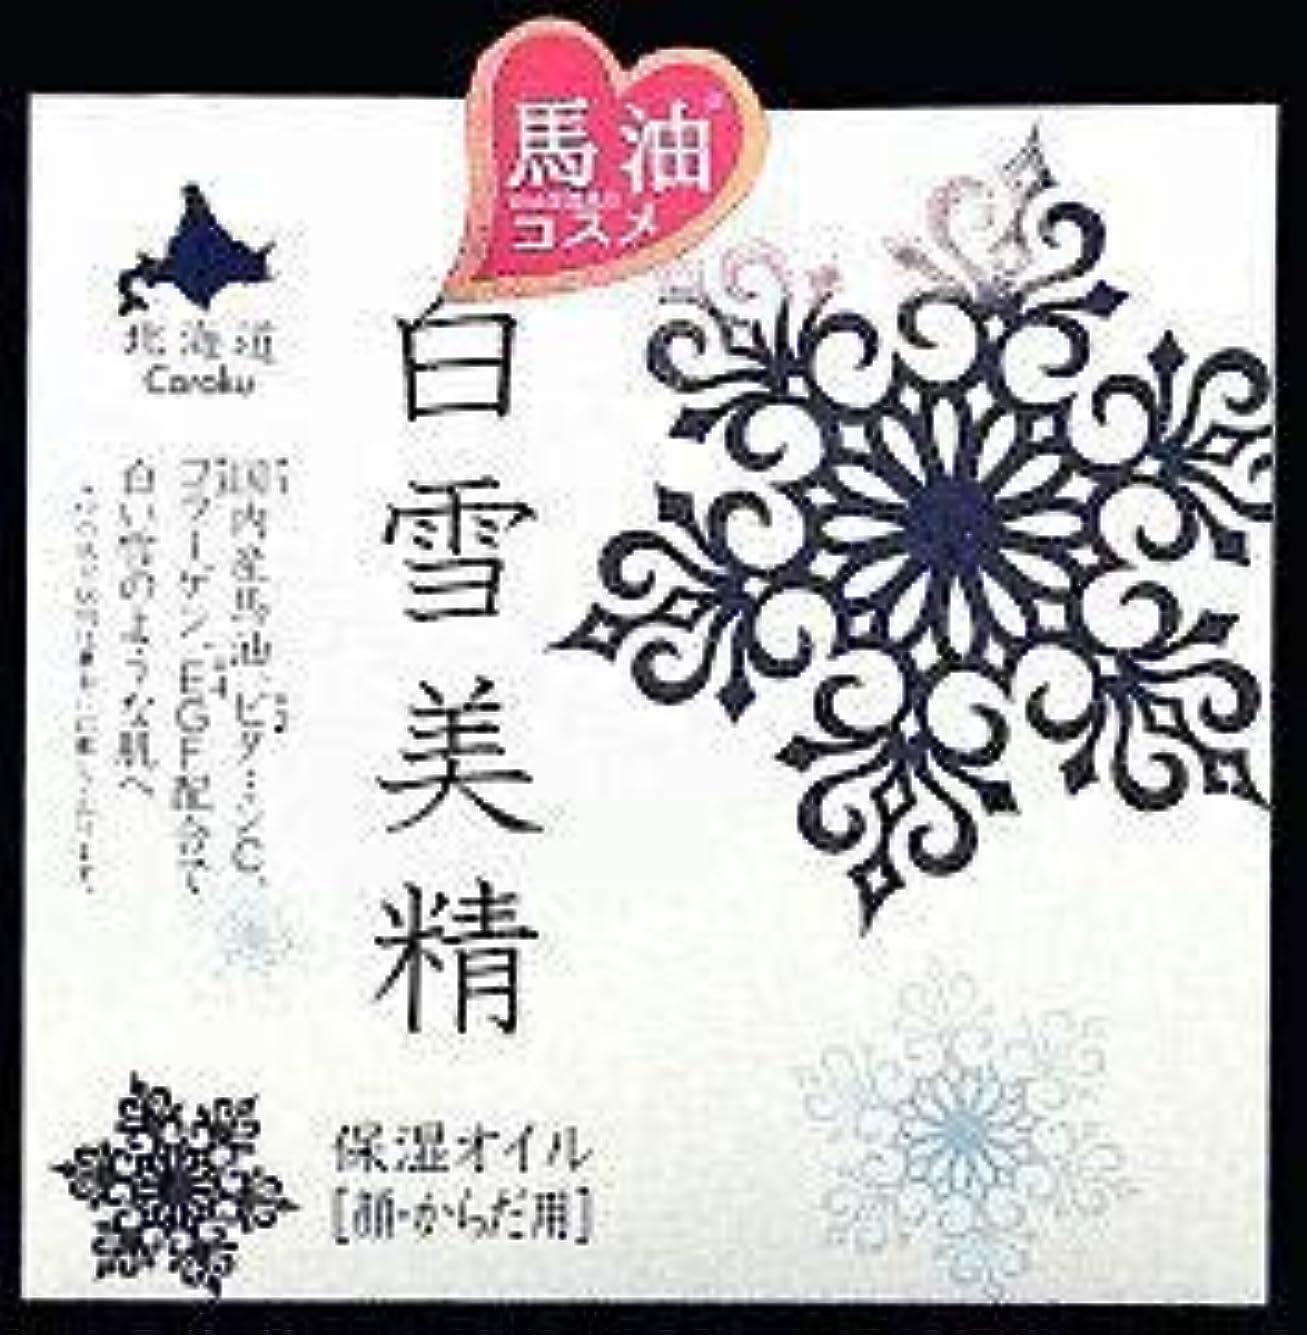 ディスク電話光沢◆【Coroku】保湿オイル◆白雪美精(顔?からだ用) 90ml◆